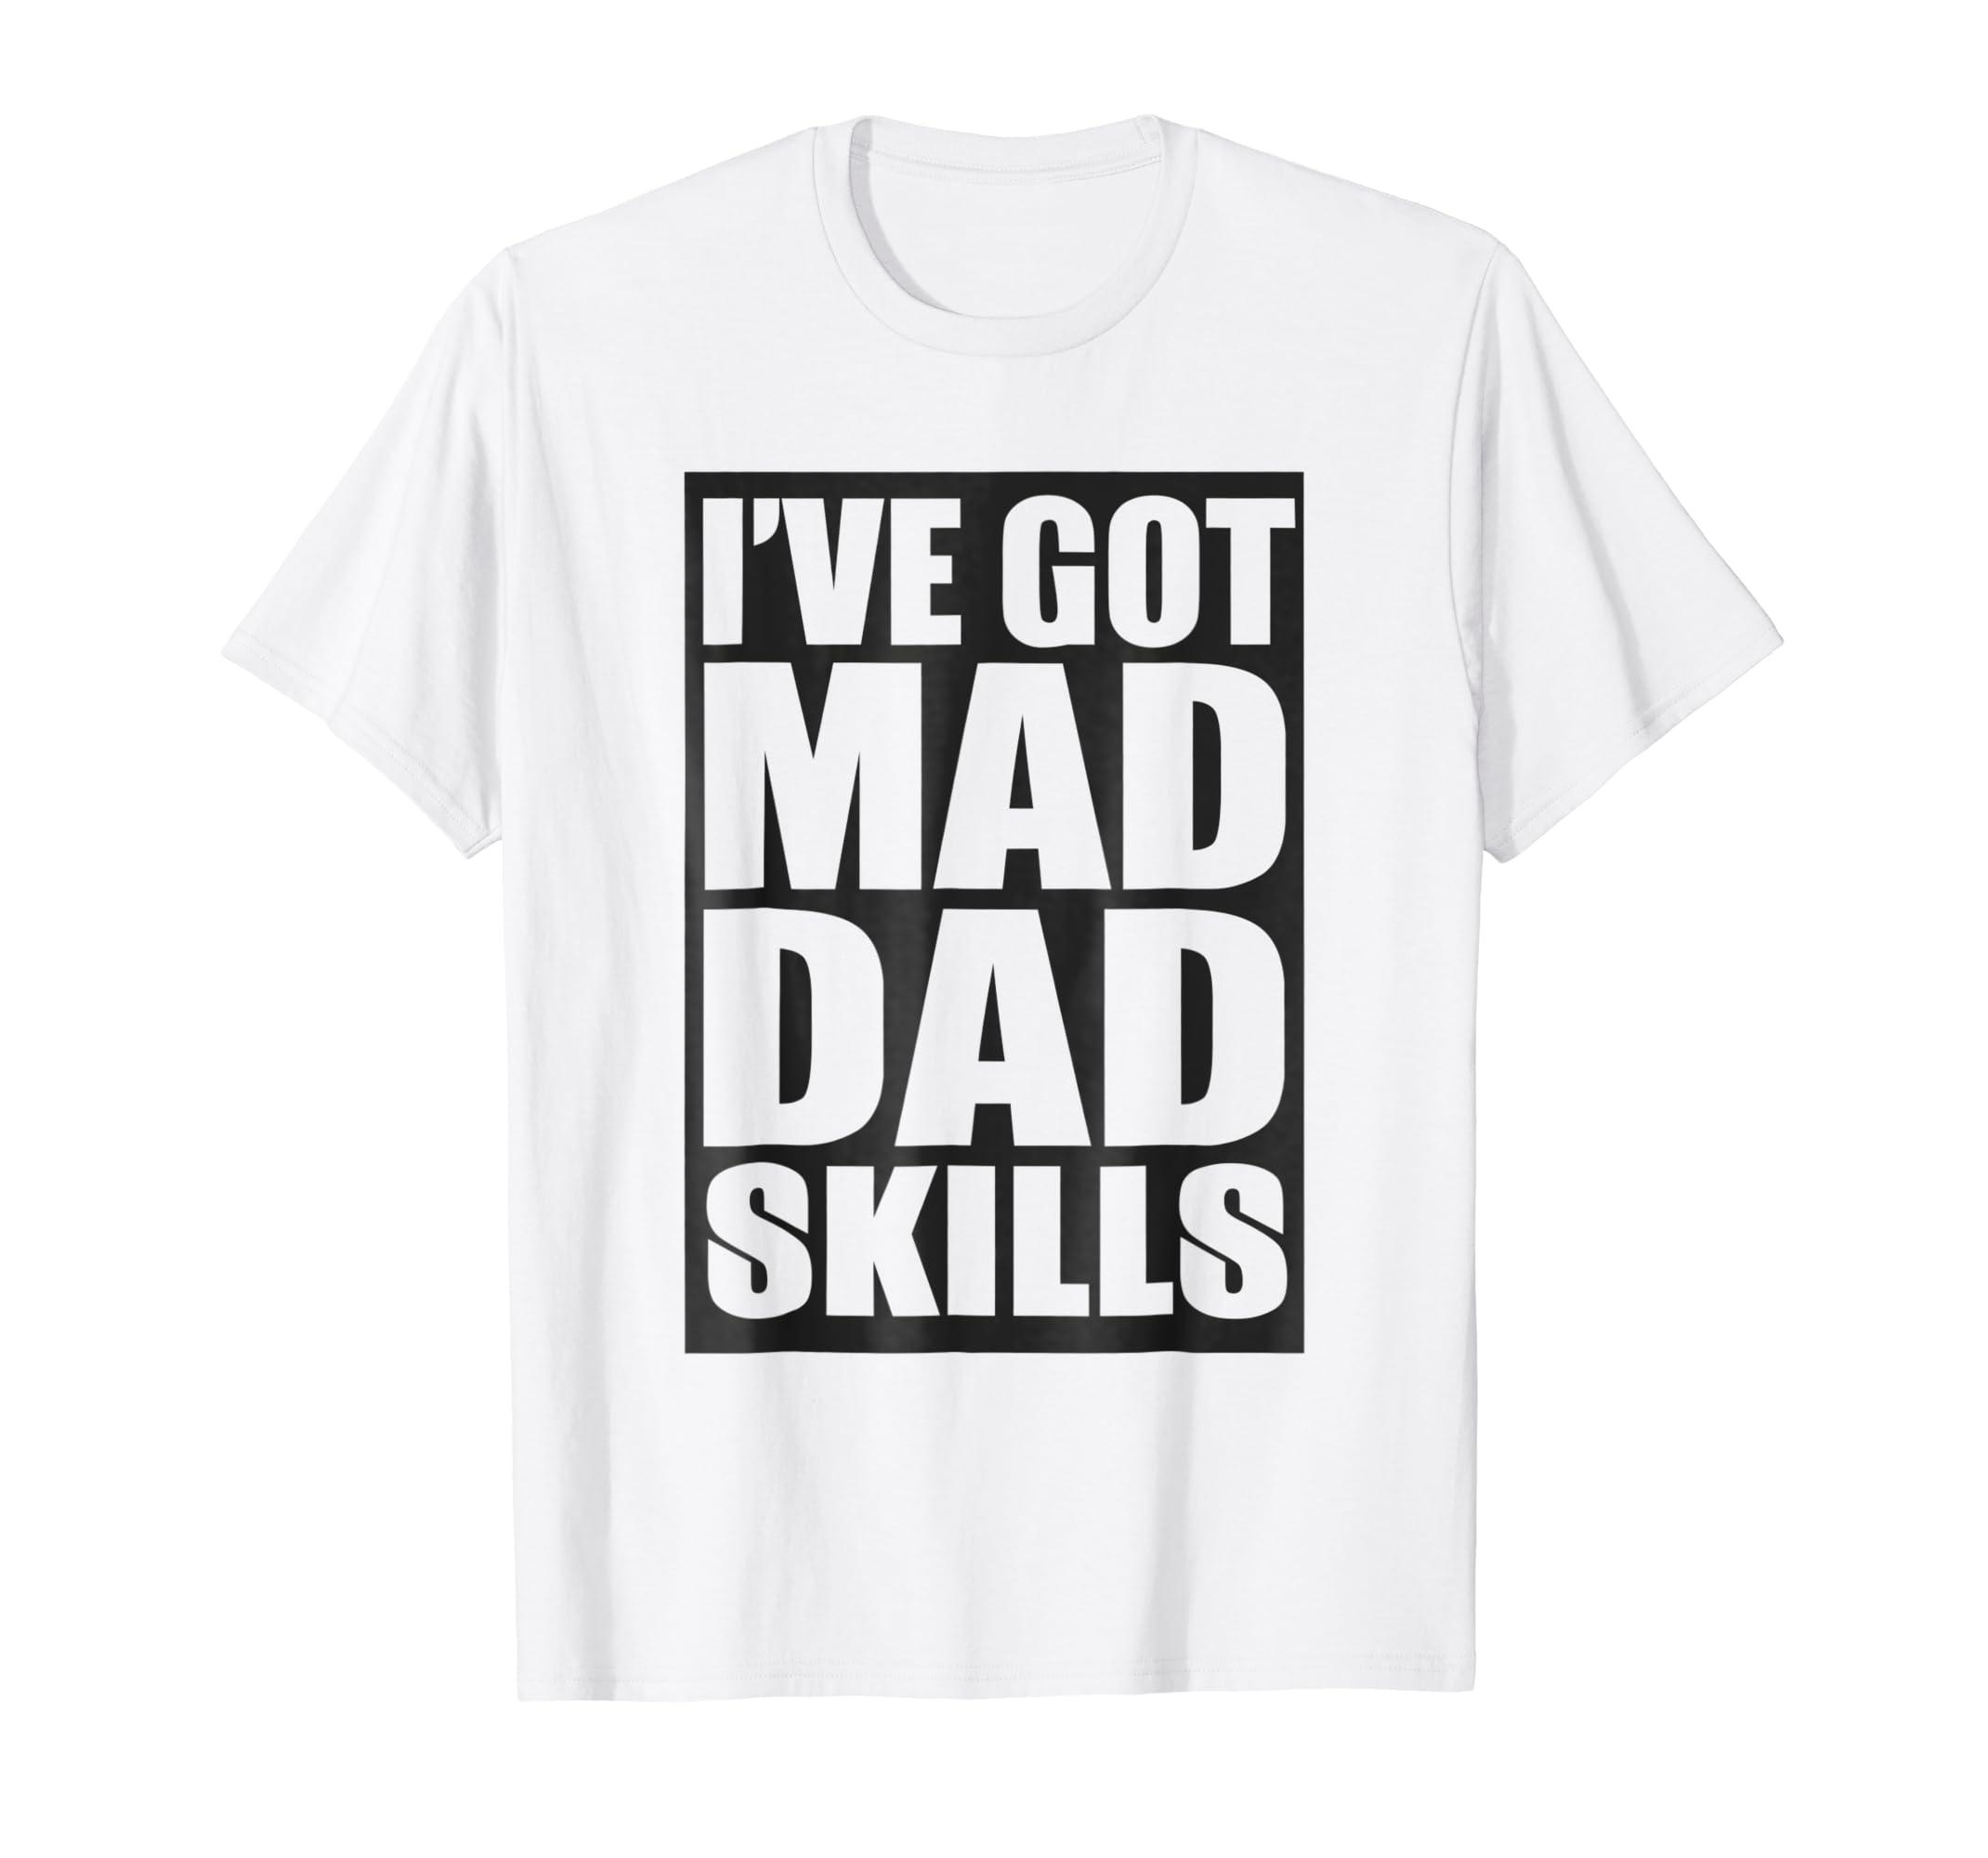 ab40dbcd Amazon.com: I've Got Mad Dad Skills T-shirt: Clothing